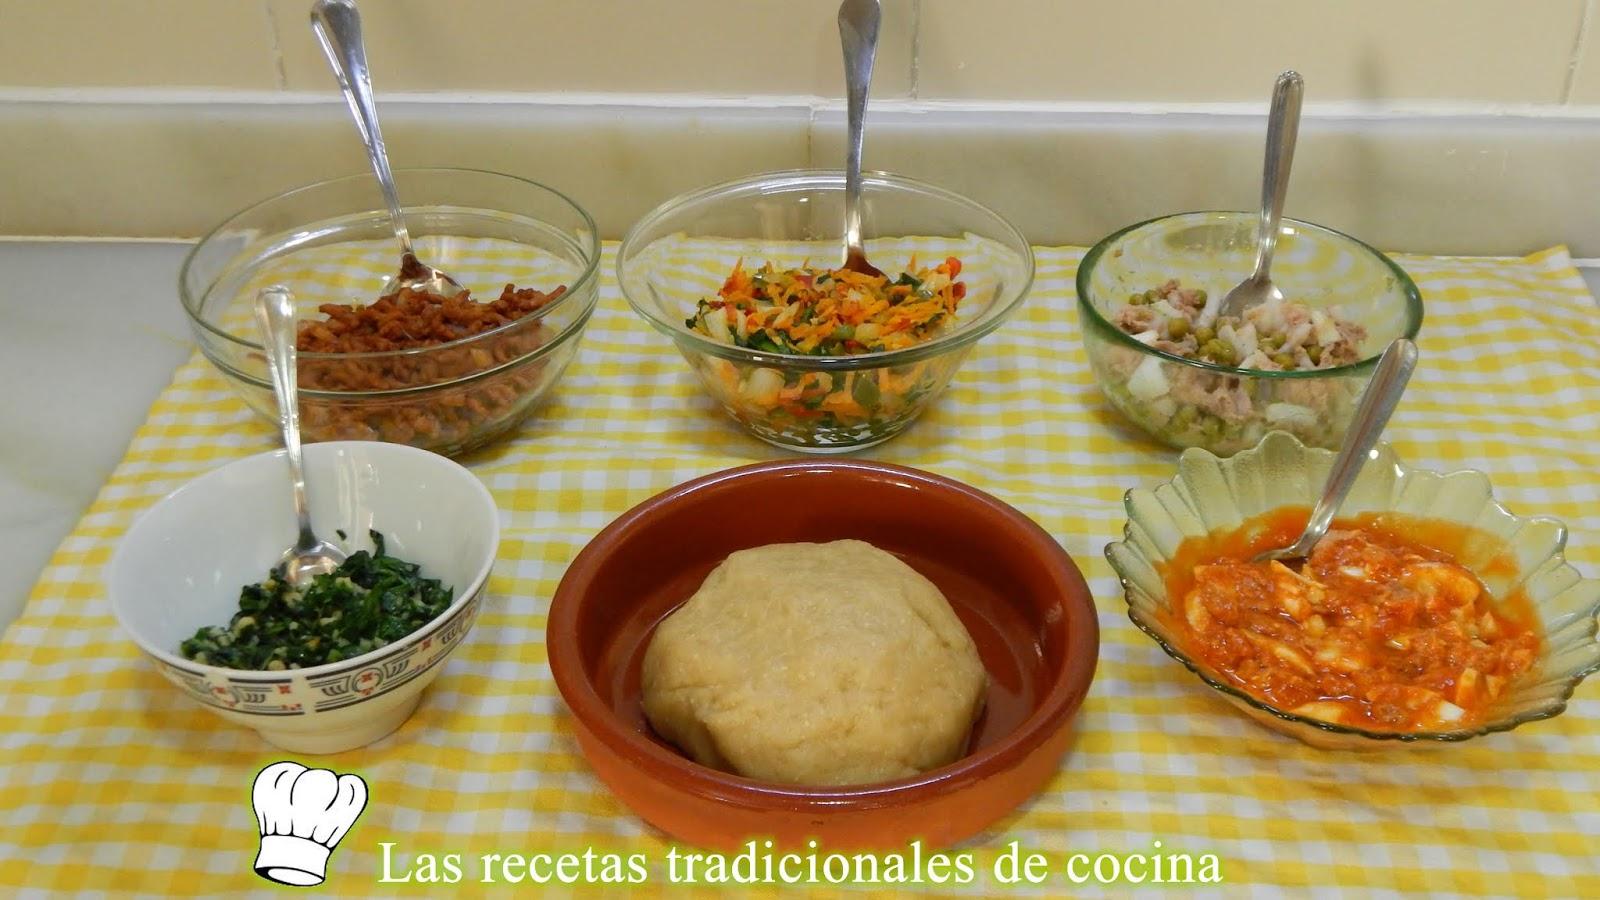 Receta Fácil Para Hacer 5 Rellenos Tradicionales Para Empanadas O Empanadillas